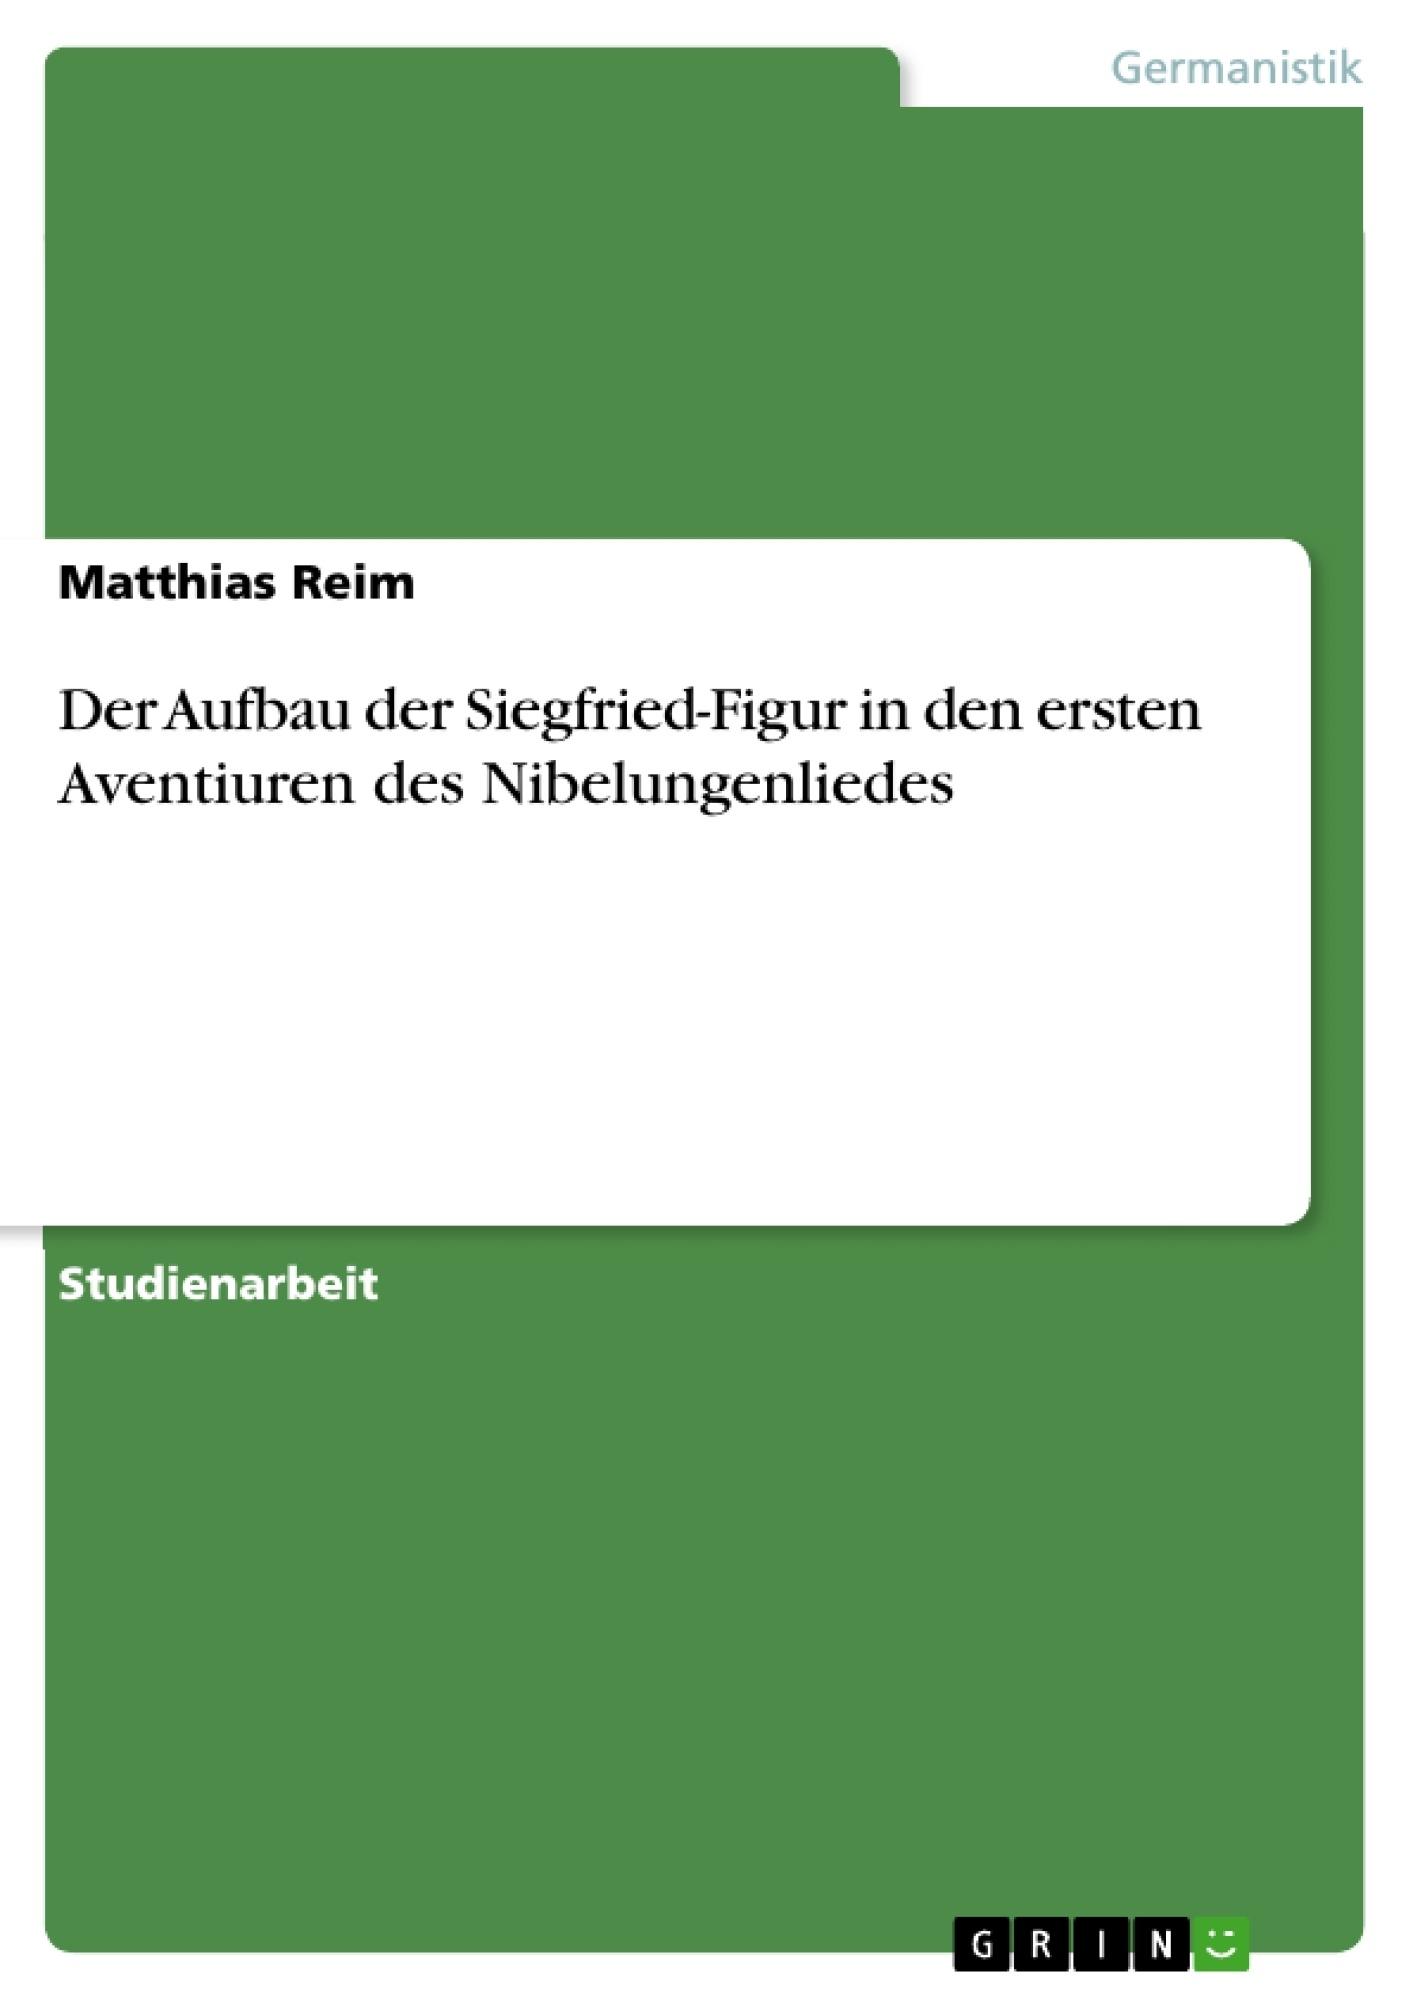 Titel: Der Aufbau der Siegfried-Figur in den ersten Aventiuren des Nibelungenliedes